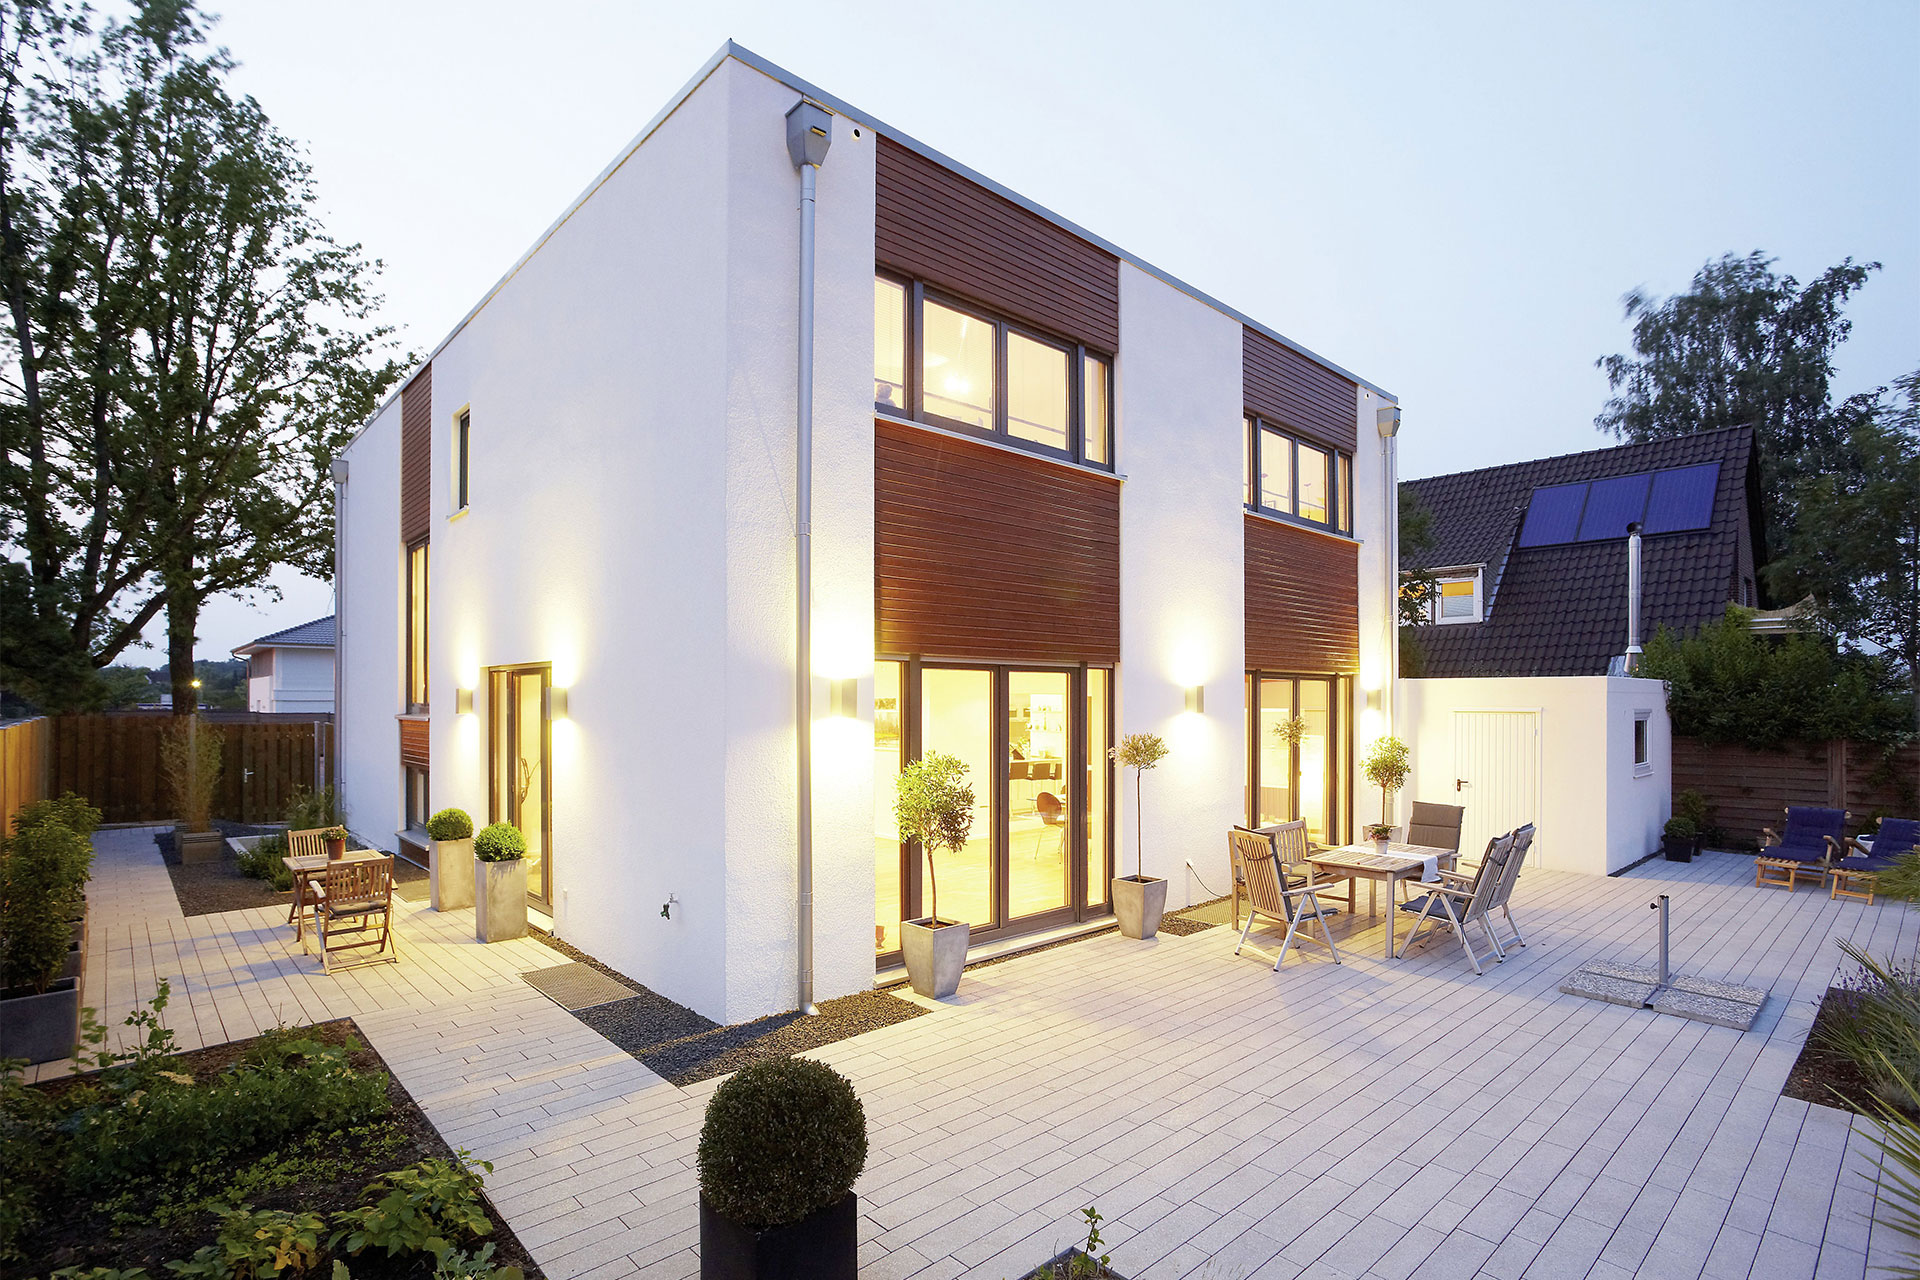 Exquisit Häuser Stile Referenz Von Stil